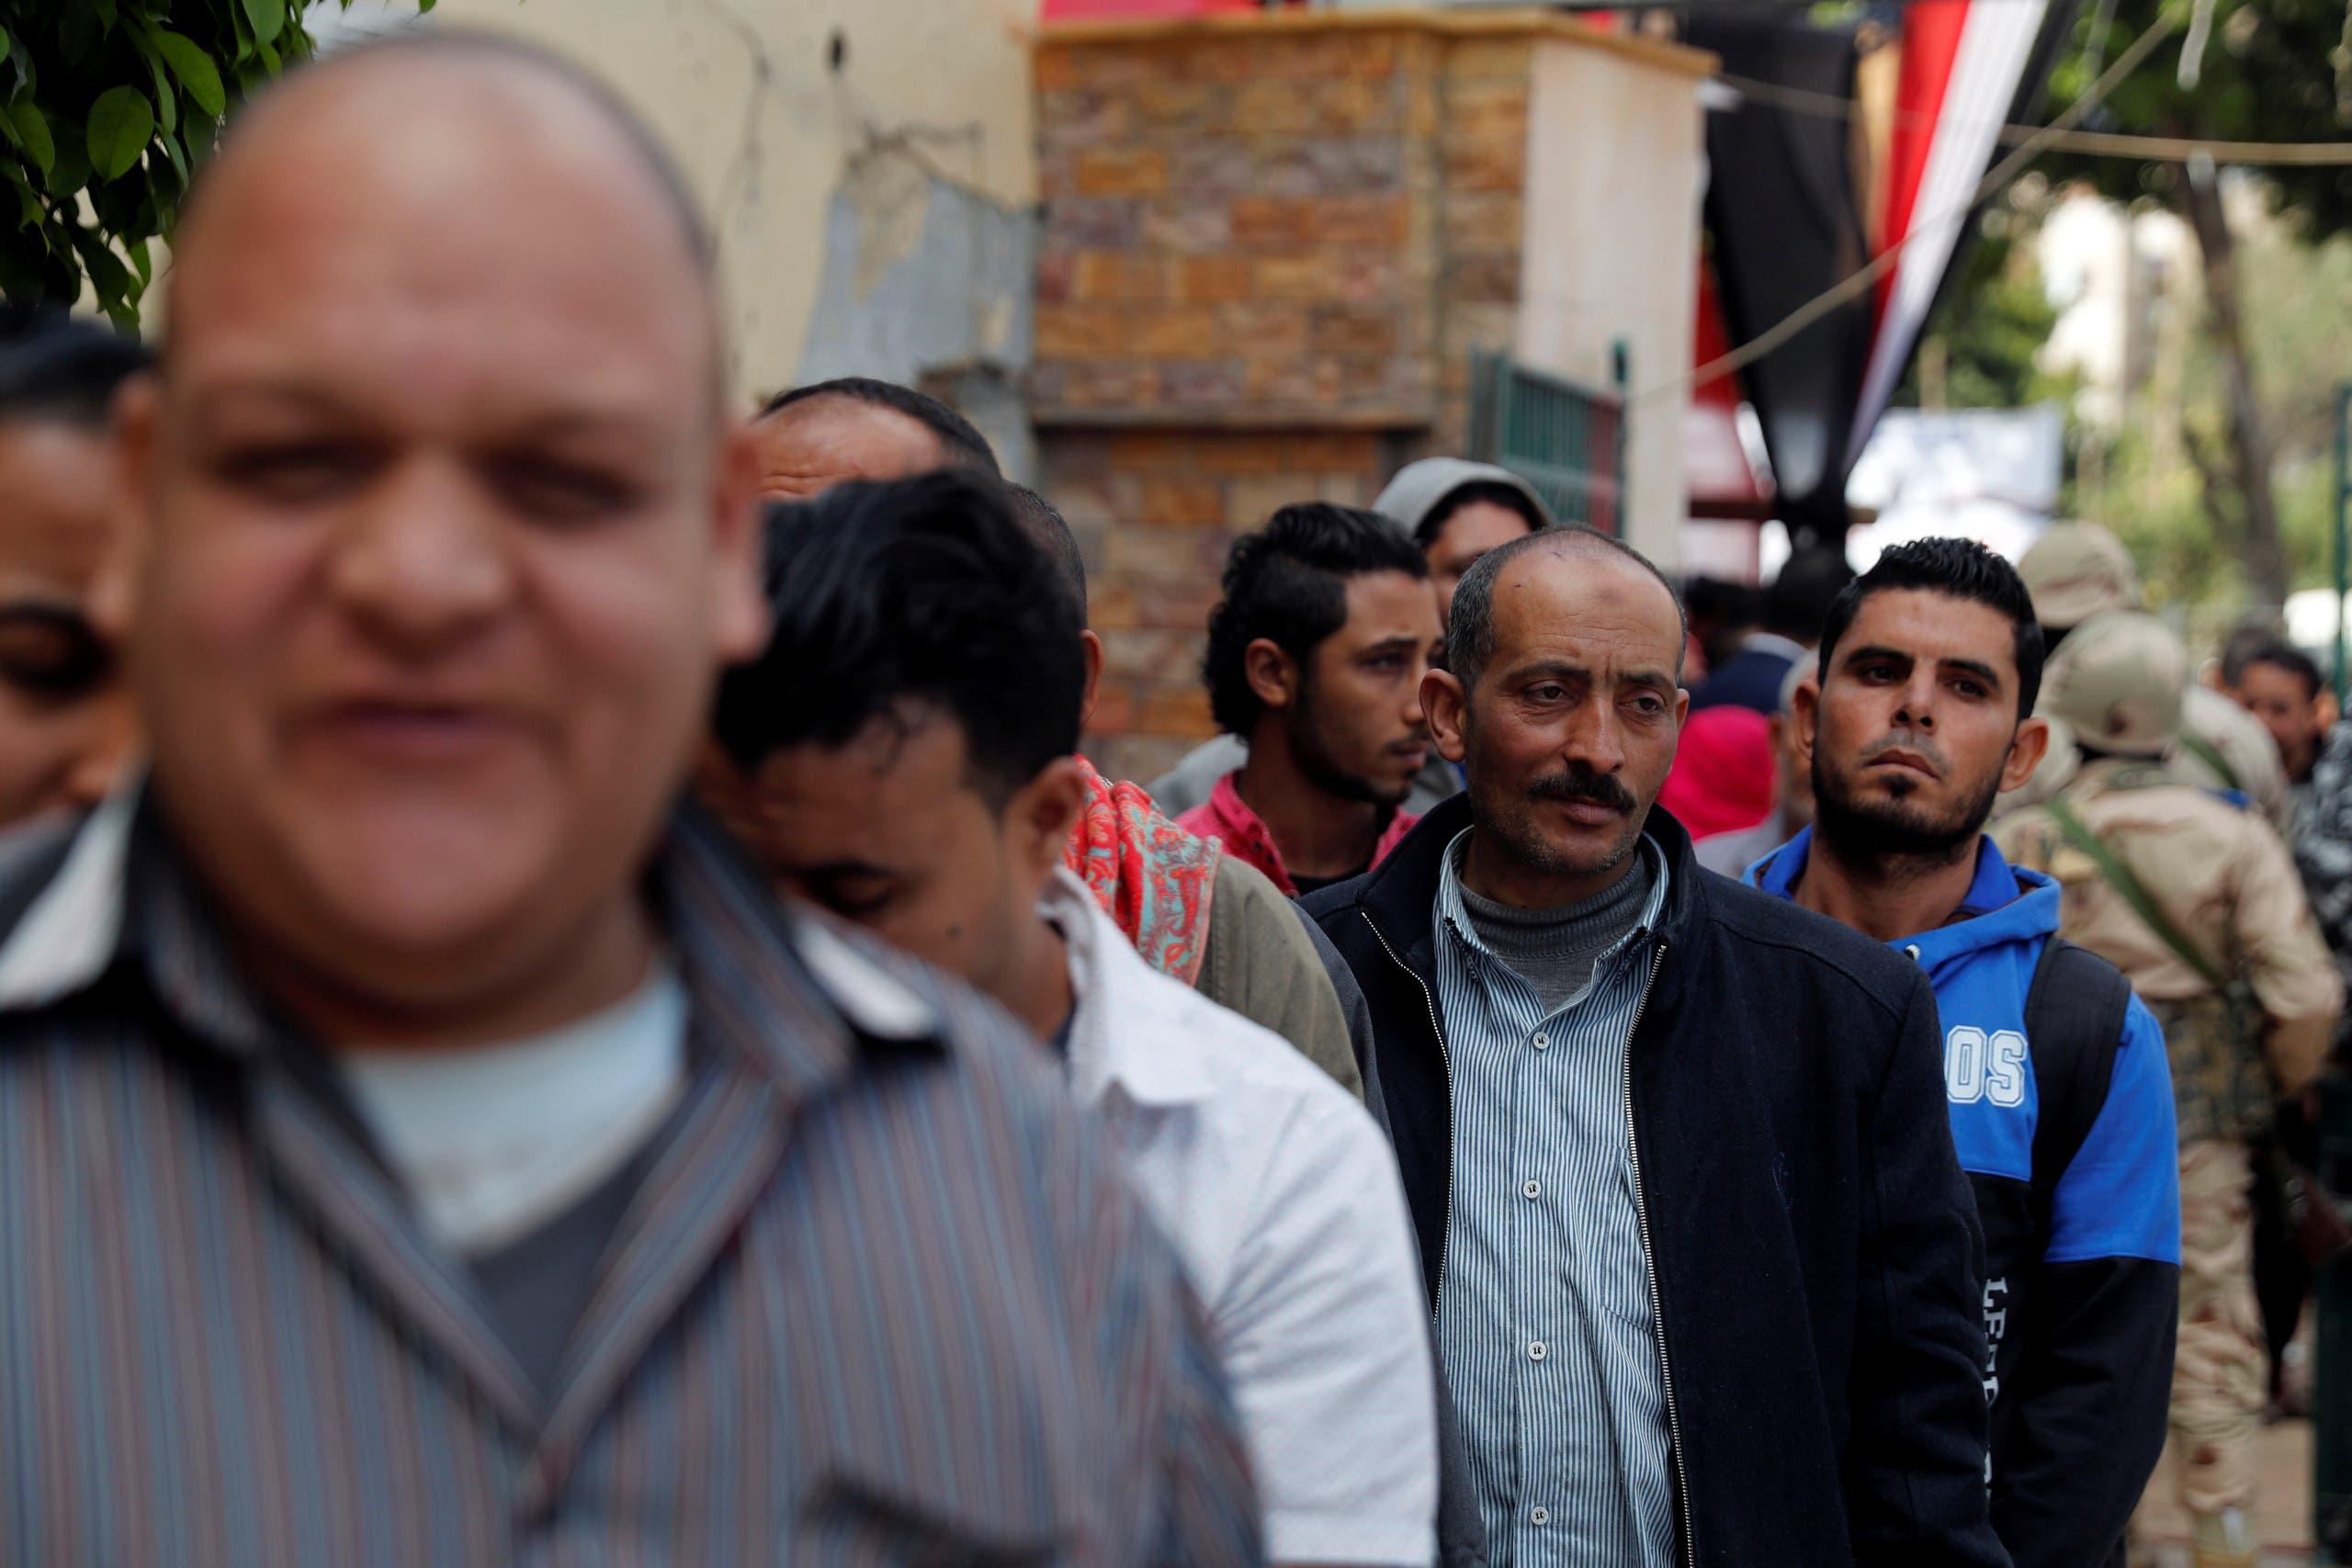 ناخبون خارج لجنة انتخابية بالقاهرة